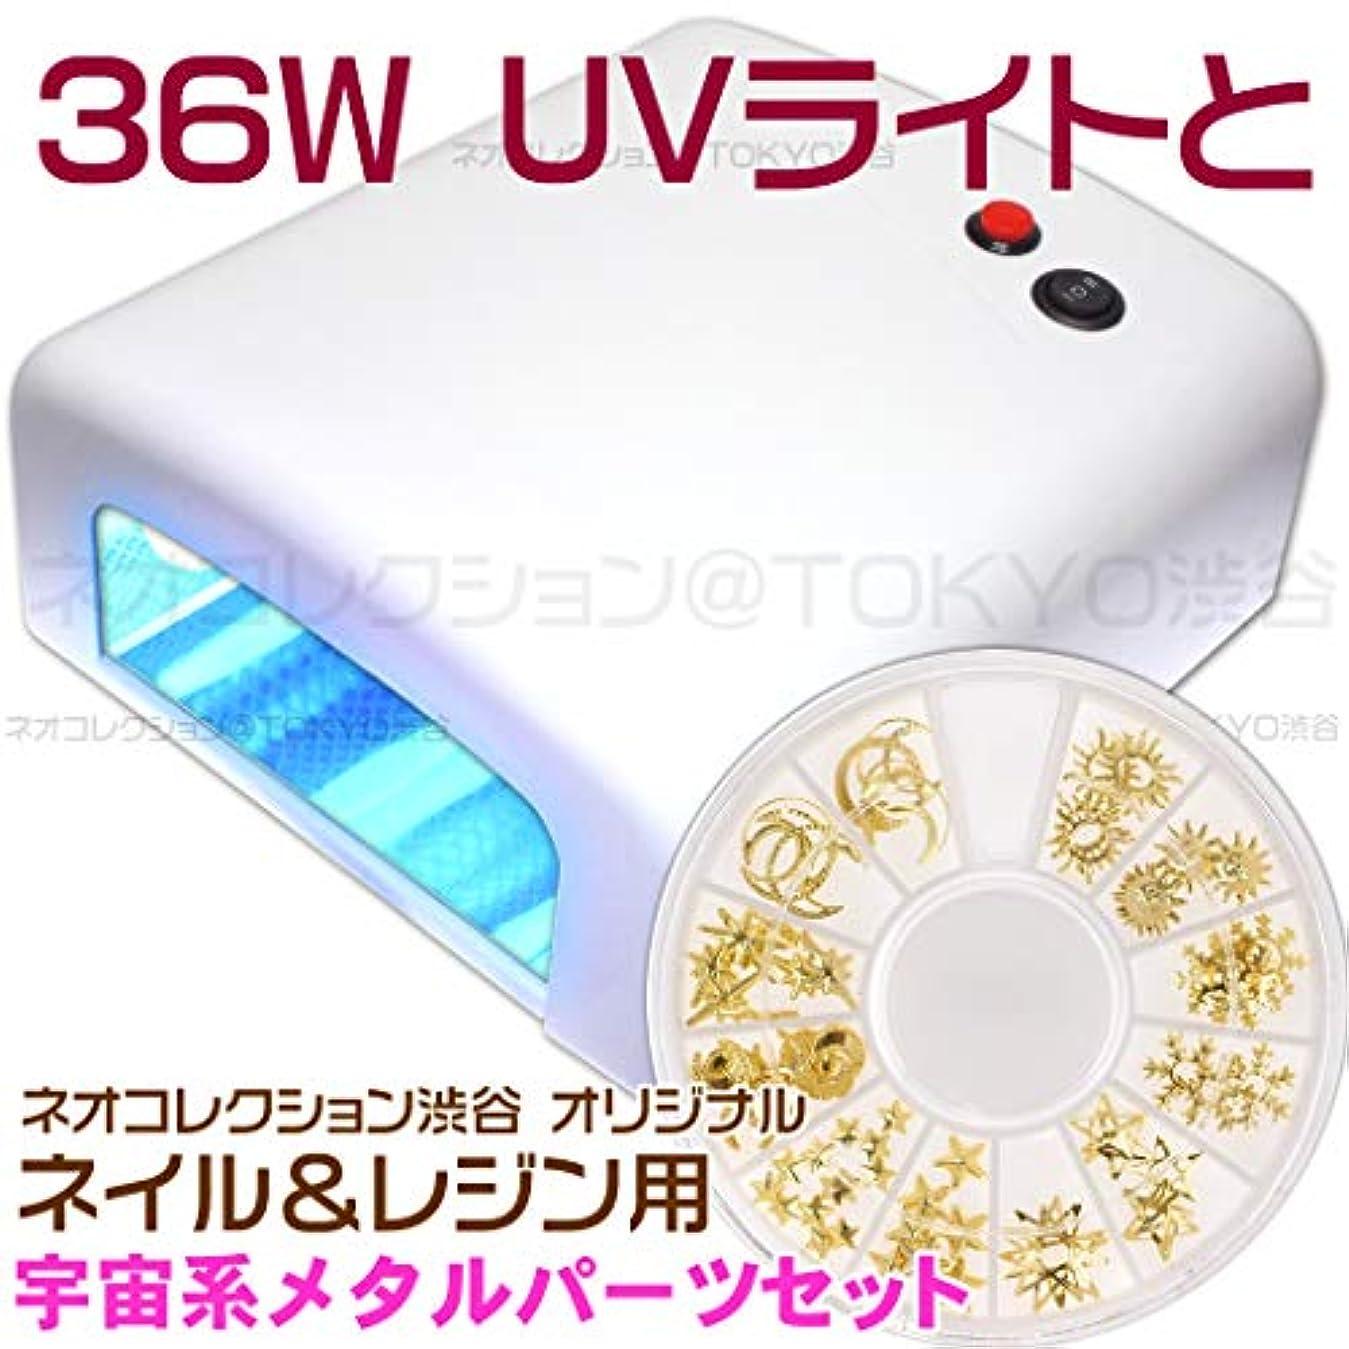 非難する飛躍コンチネンタルネオコレクション 白いUVライトとメタルパーツのセット 36Wジェルネイル用 36WUVライト単品単体本体 UVレジン用 レジンクラフト用ピンク UVランプ